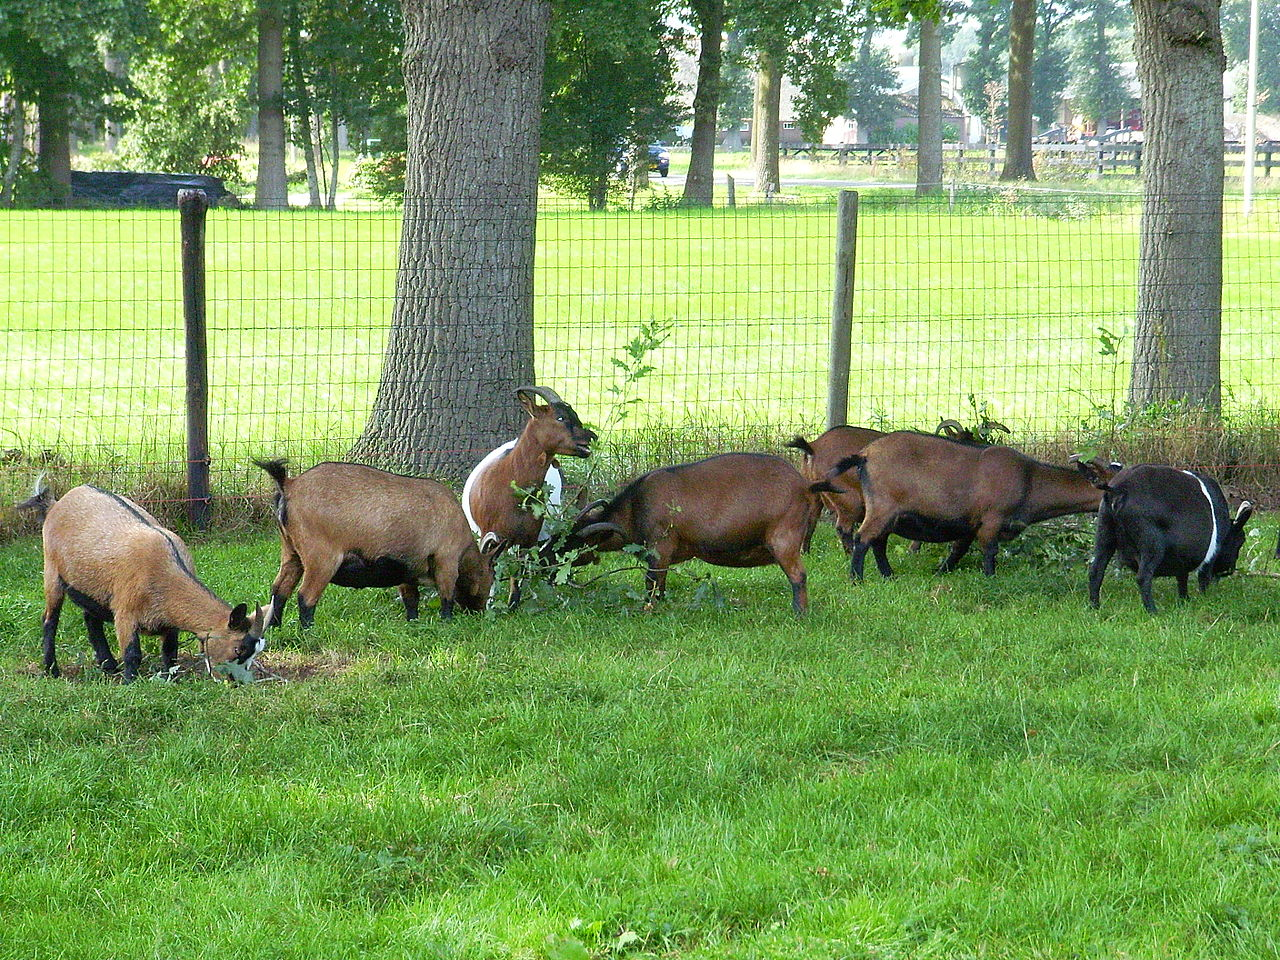 Bild Tierpark Schönewald Birkenfeld